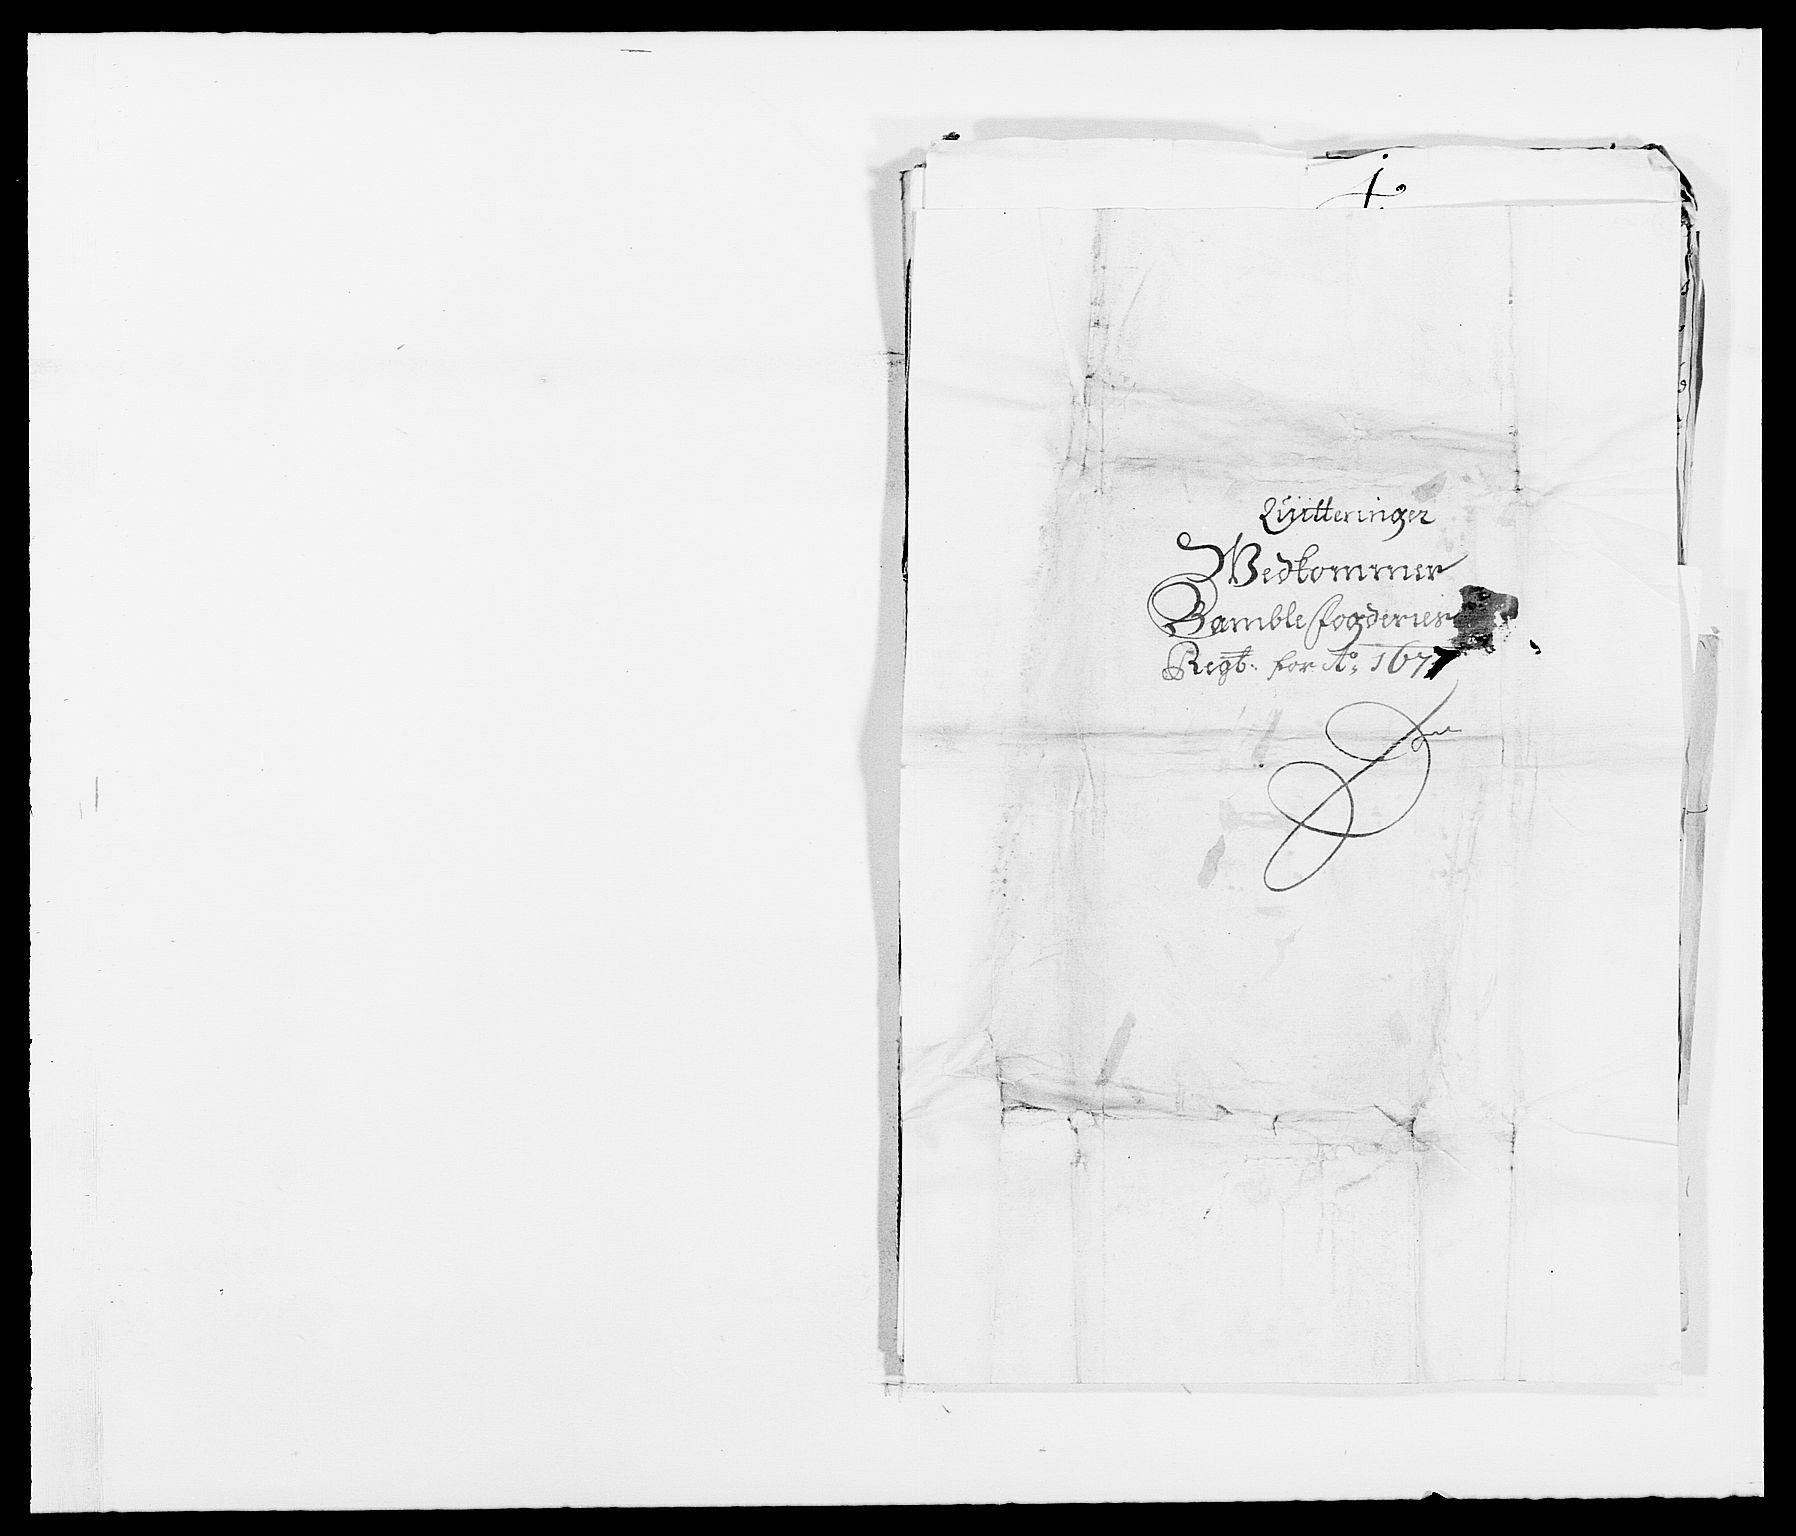 RA, Rentekammeret inntil 1814, Reviderte regnskaper, Fogderegnskap, R34/L2043: Fogderegnskap Bamble, 1676-1677, s. 460